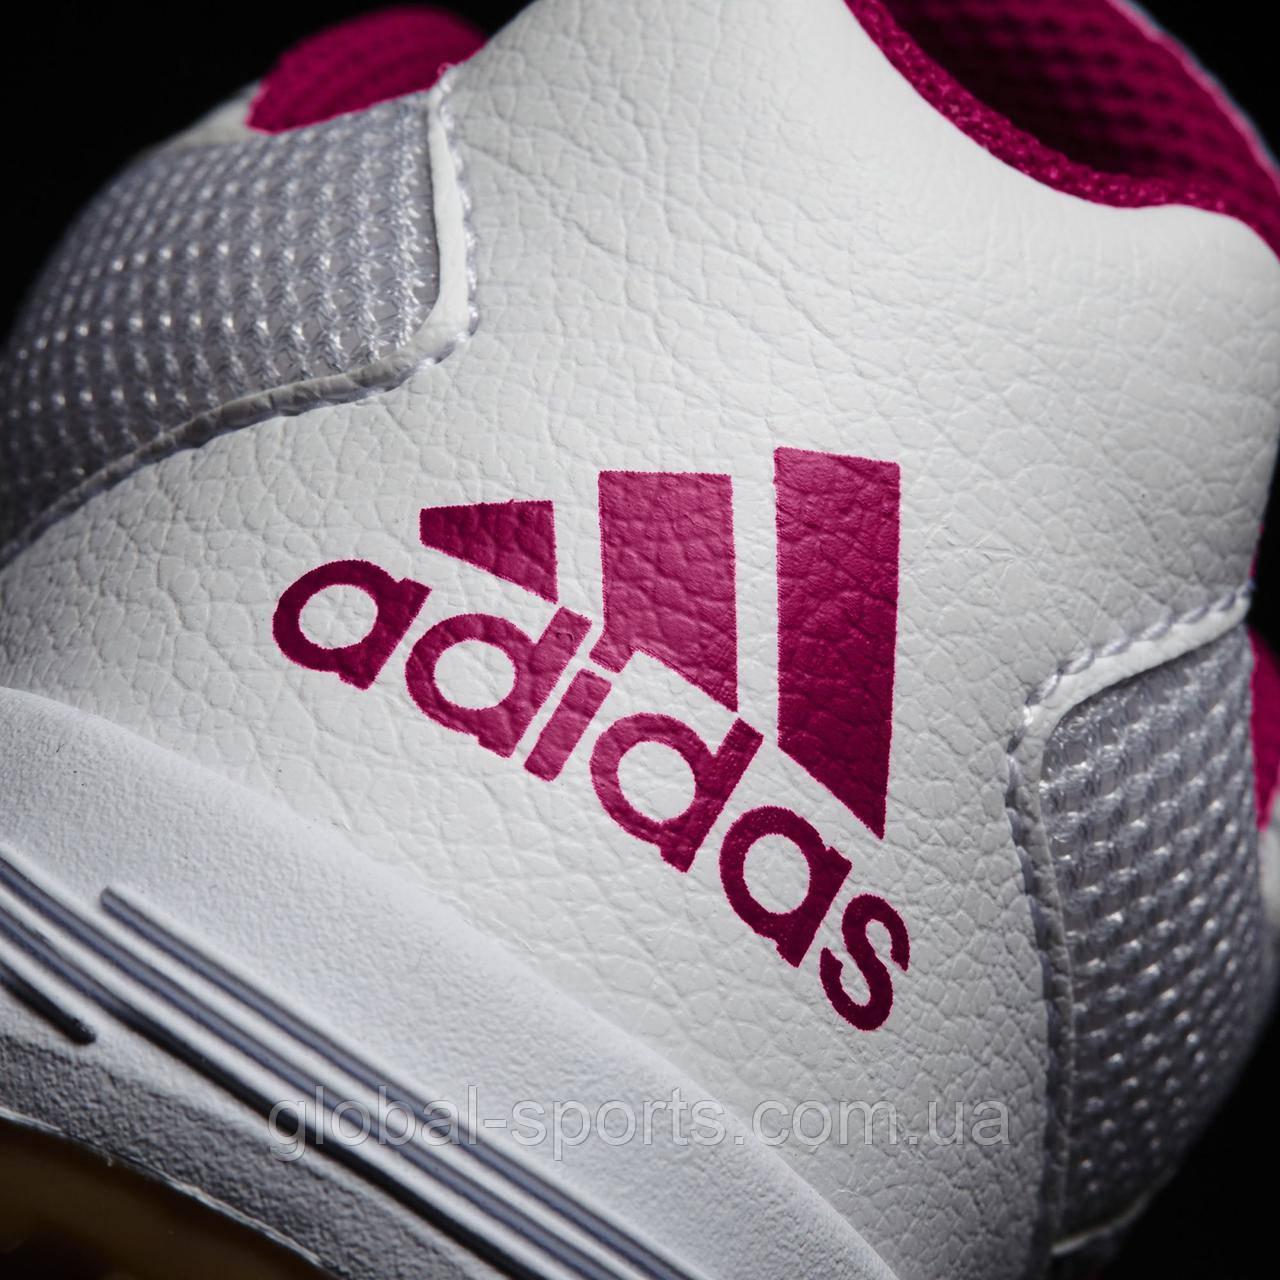 Детские кроссовки Adidas AltaRun(Артикул BA9420)  продажа 707f559ade506